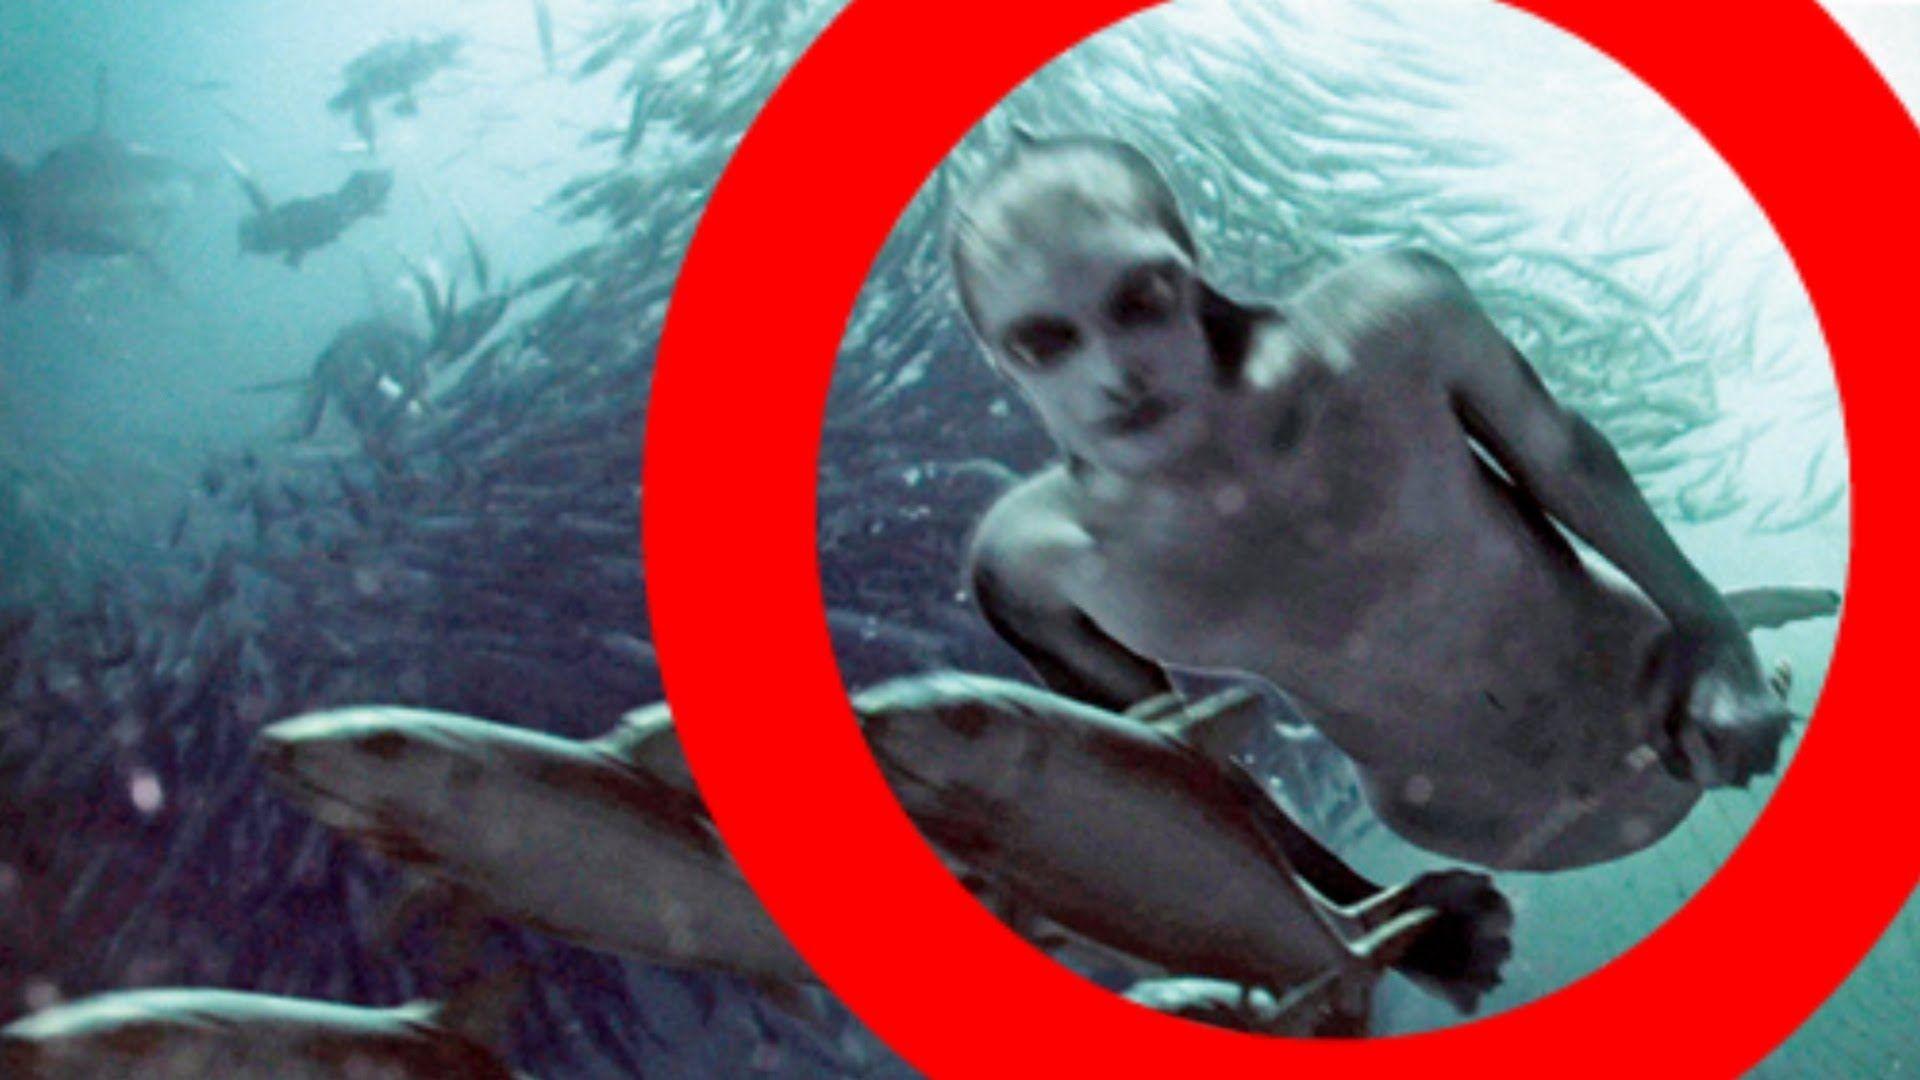 اخطر 5 فيديوهات لظهور حورية البحر حقيقية Echte Meerjungfrauen Realistische Meerjungfrau Seltsame Kreaturen